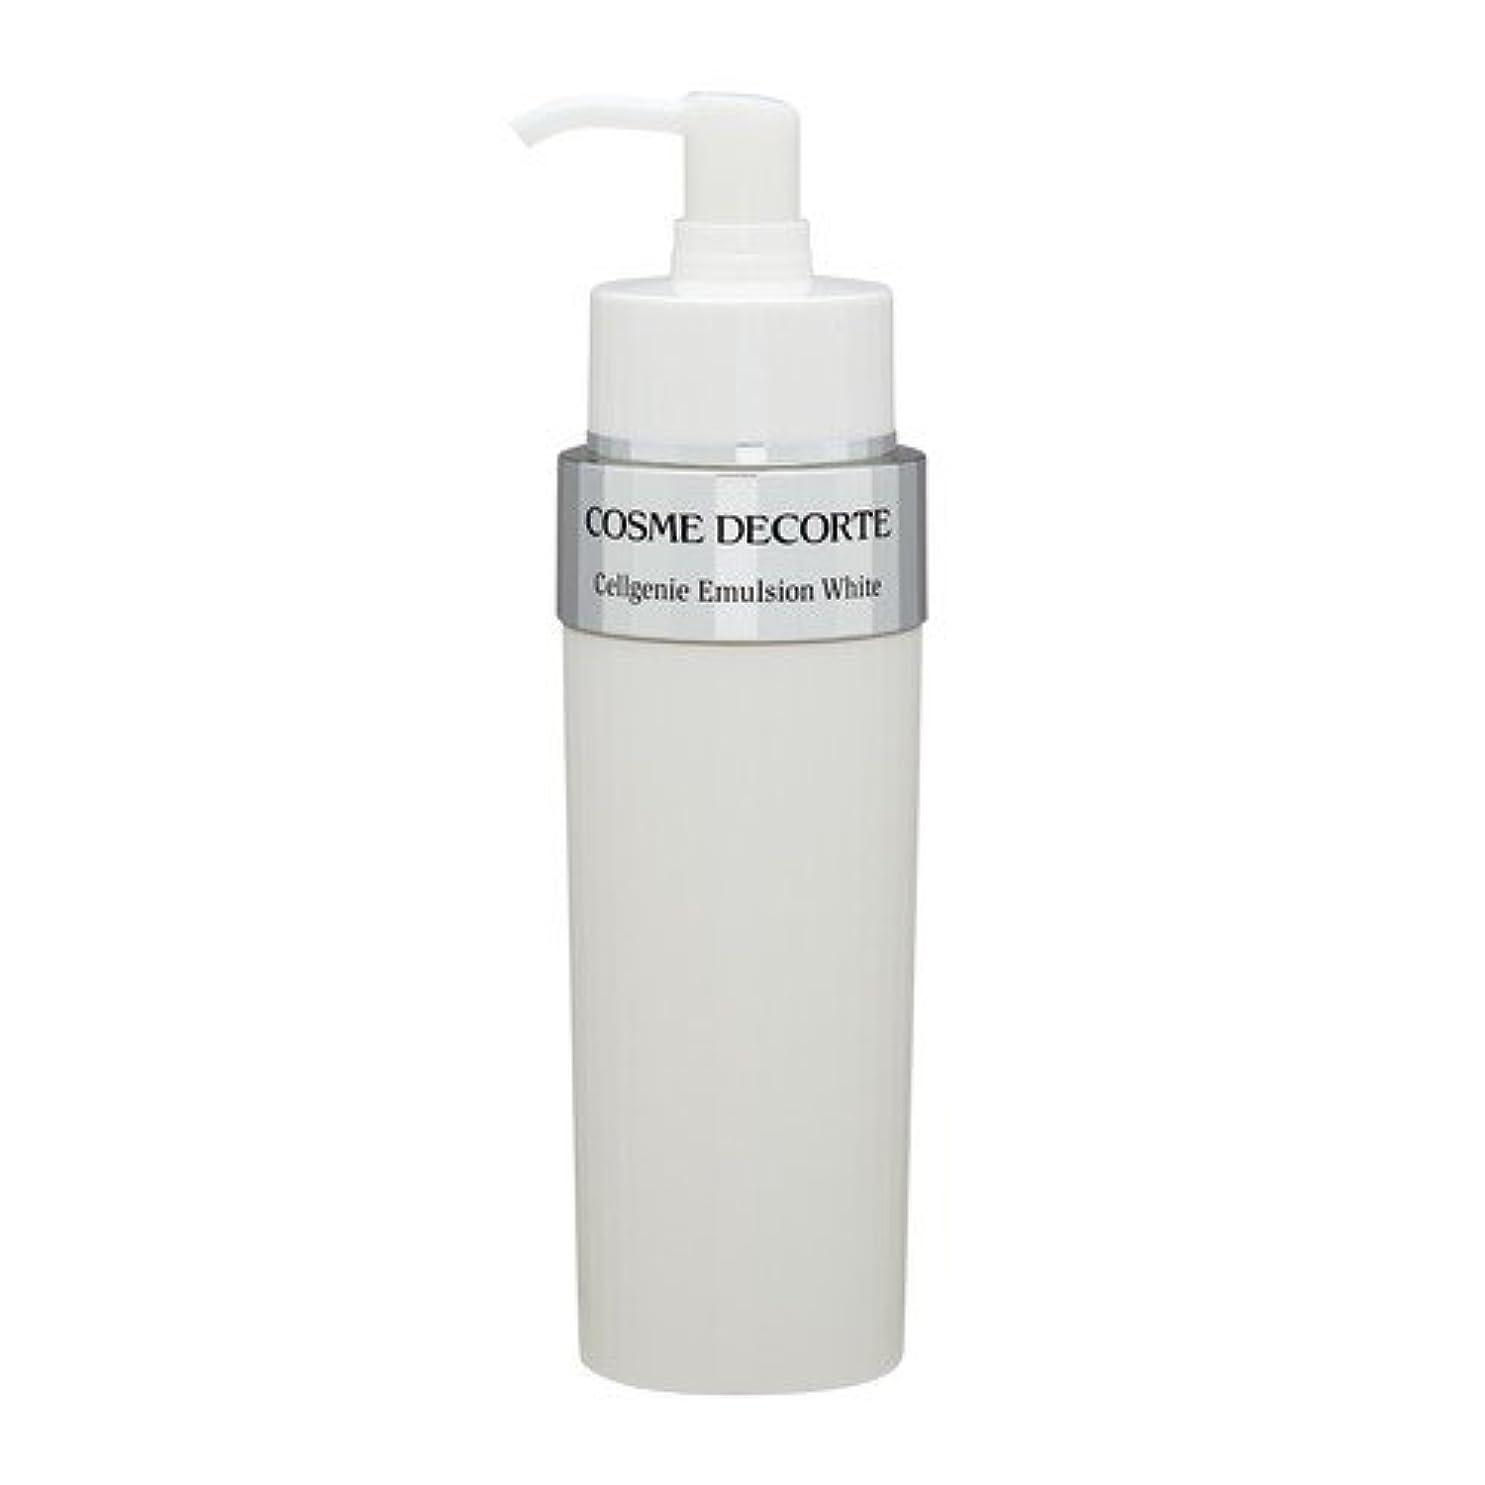 予測子炭水化物シャンプーCOSME DECORTE コーセー/KOSE セルジェニーエマルジョンホワイト 200ml [362893] [並行輸入品]